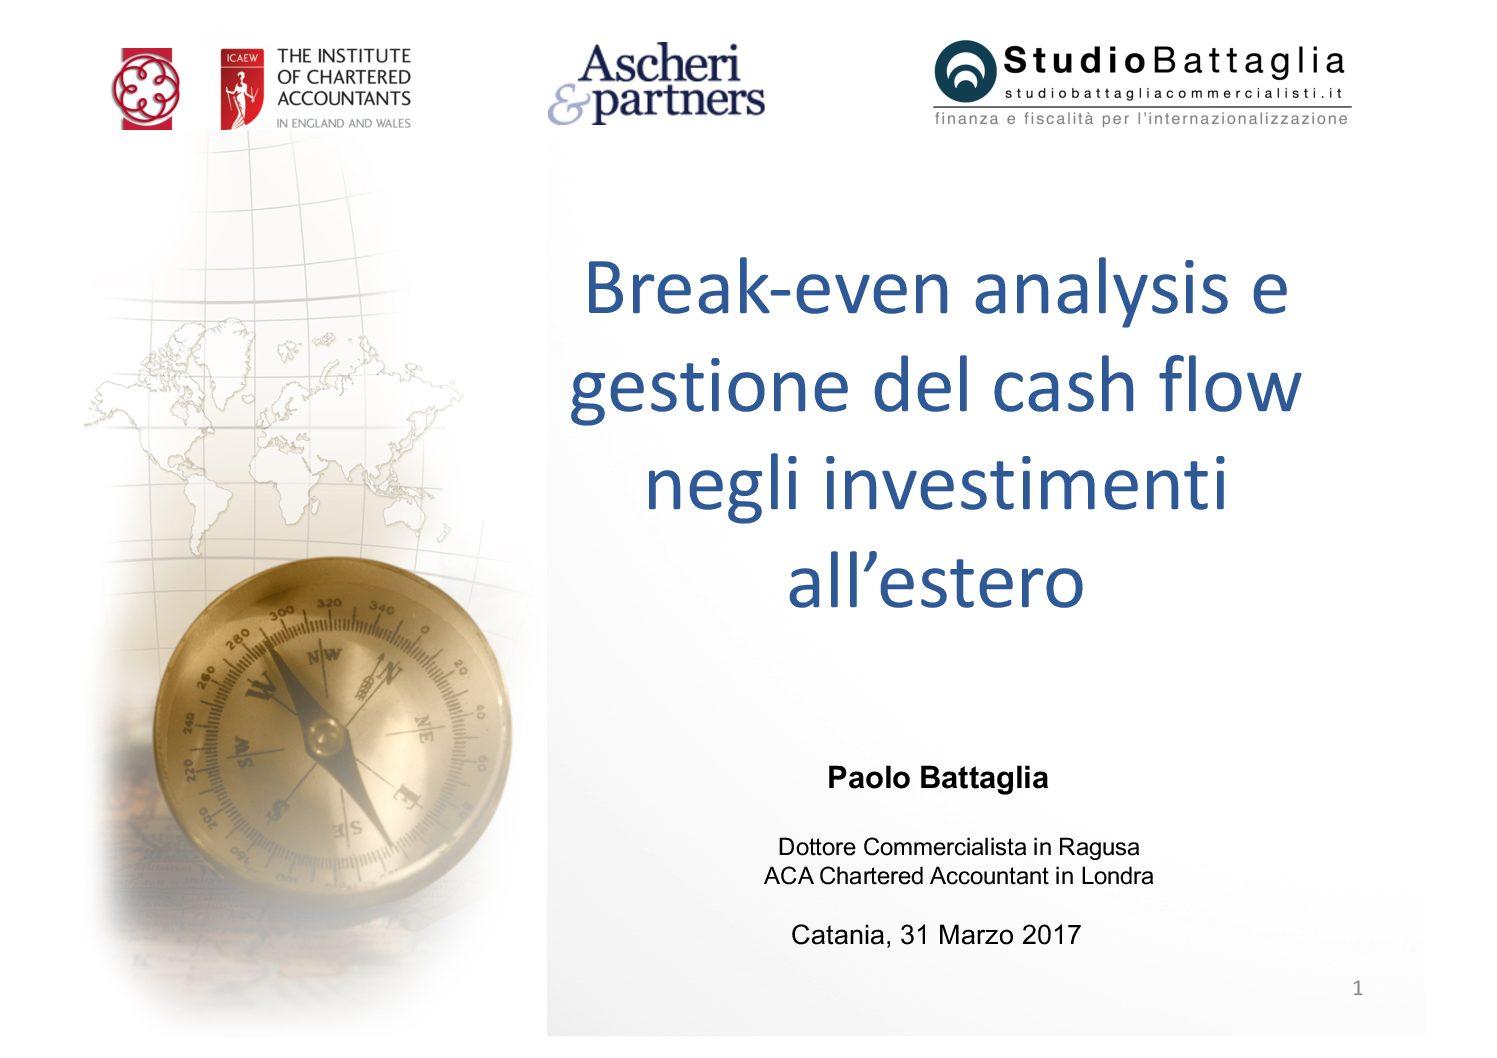 Slide. Break-even analysis e Flussi di cassa negli investimenti all'estero. Catania 31.03.2017